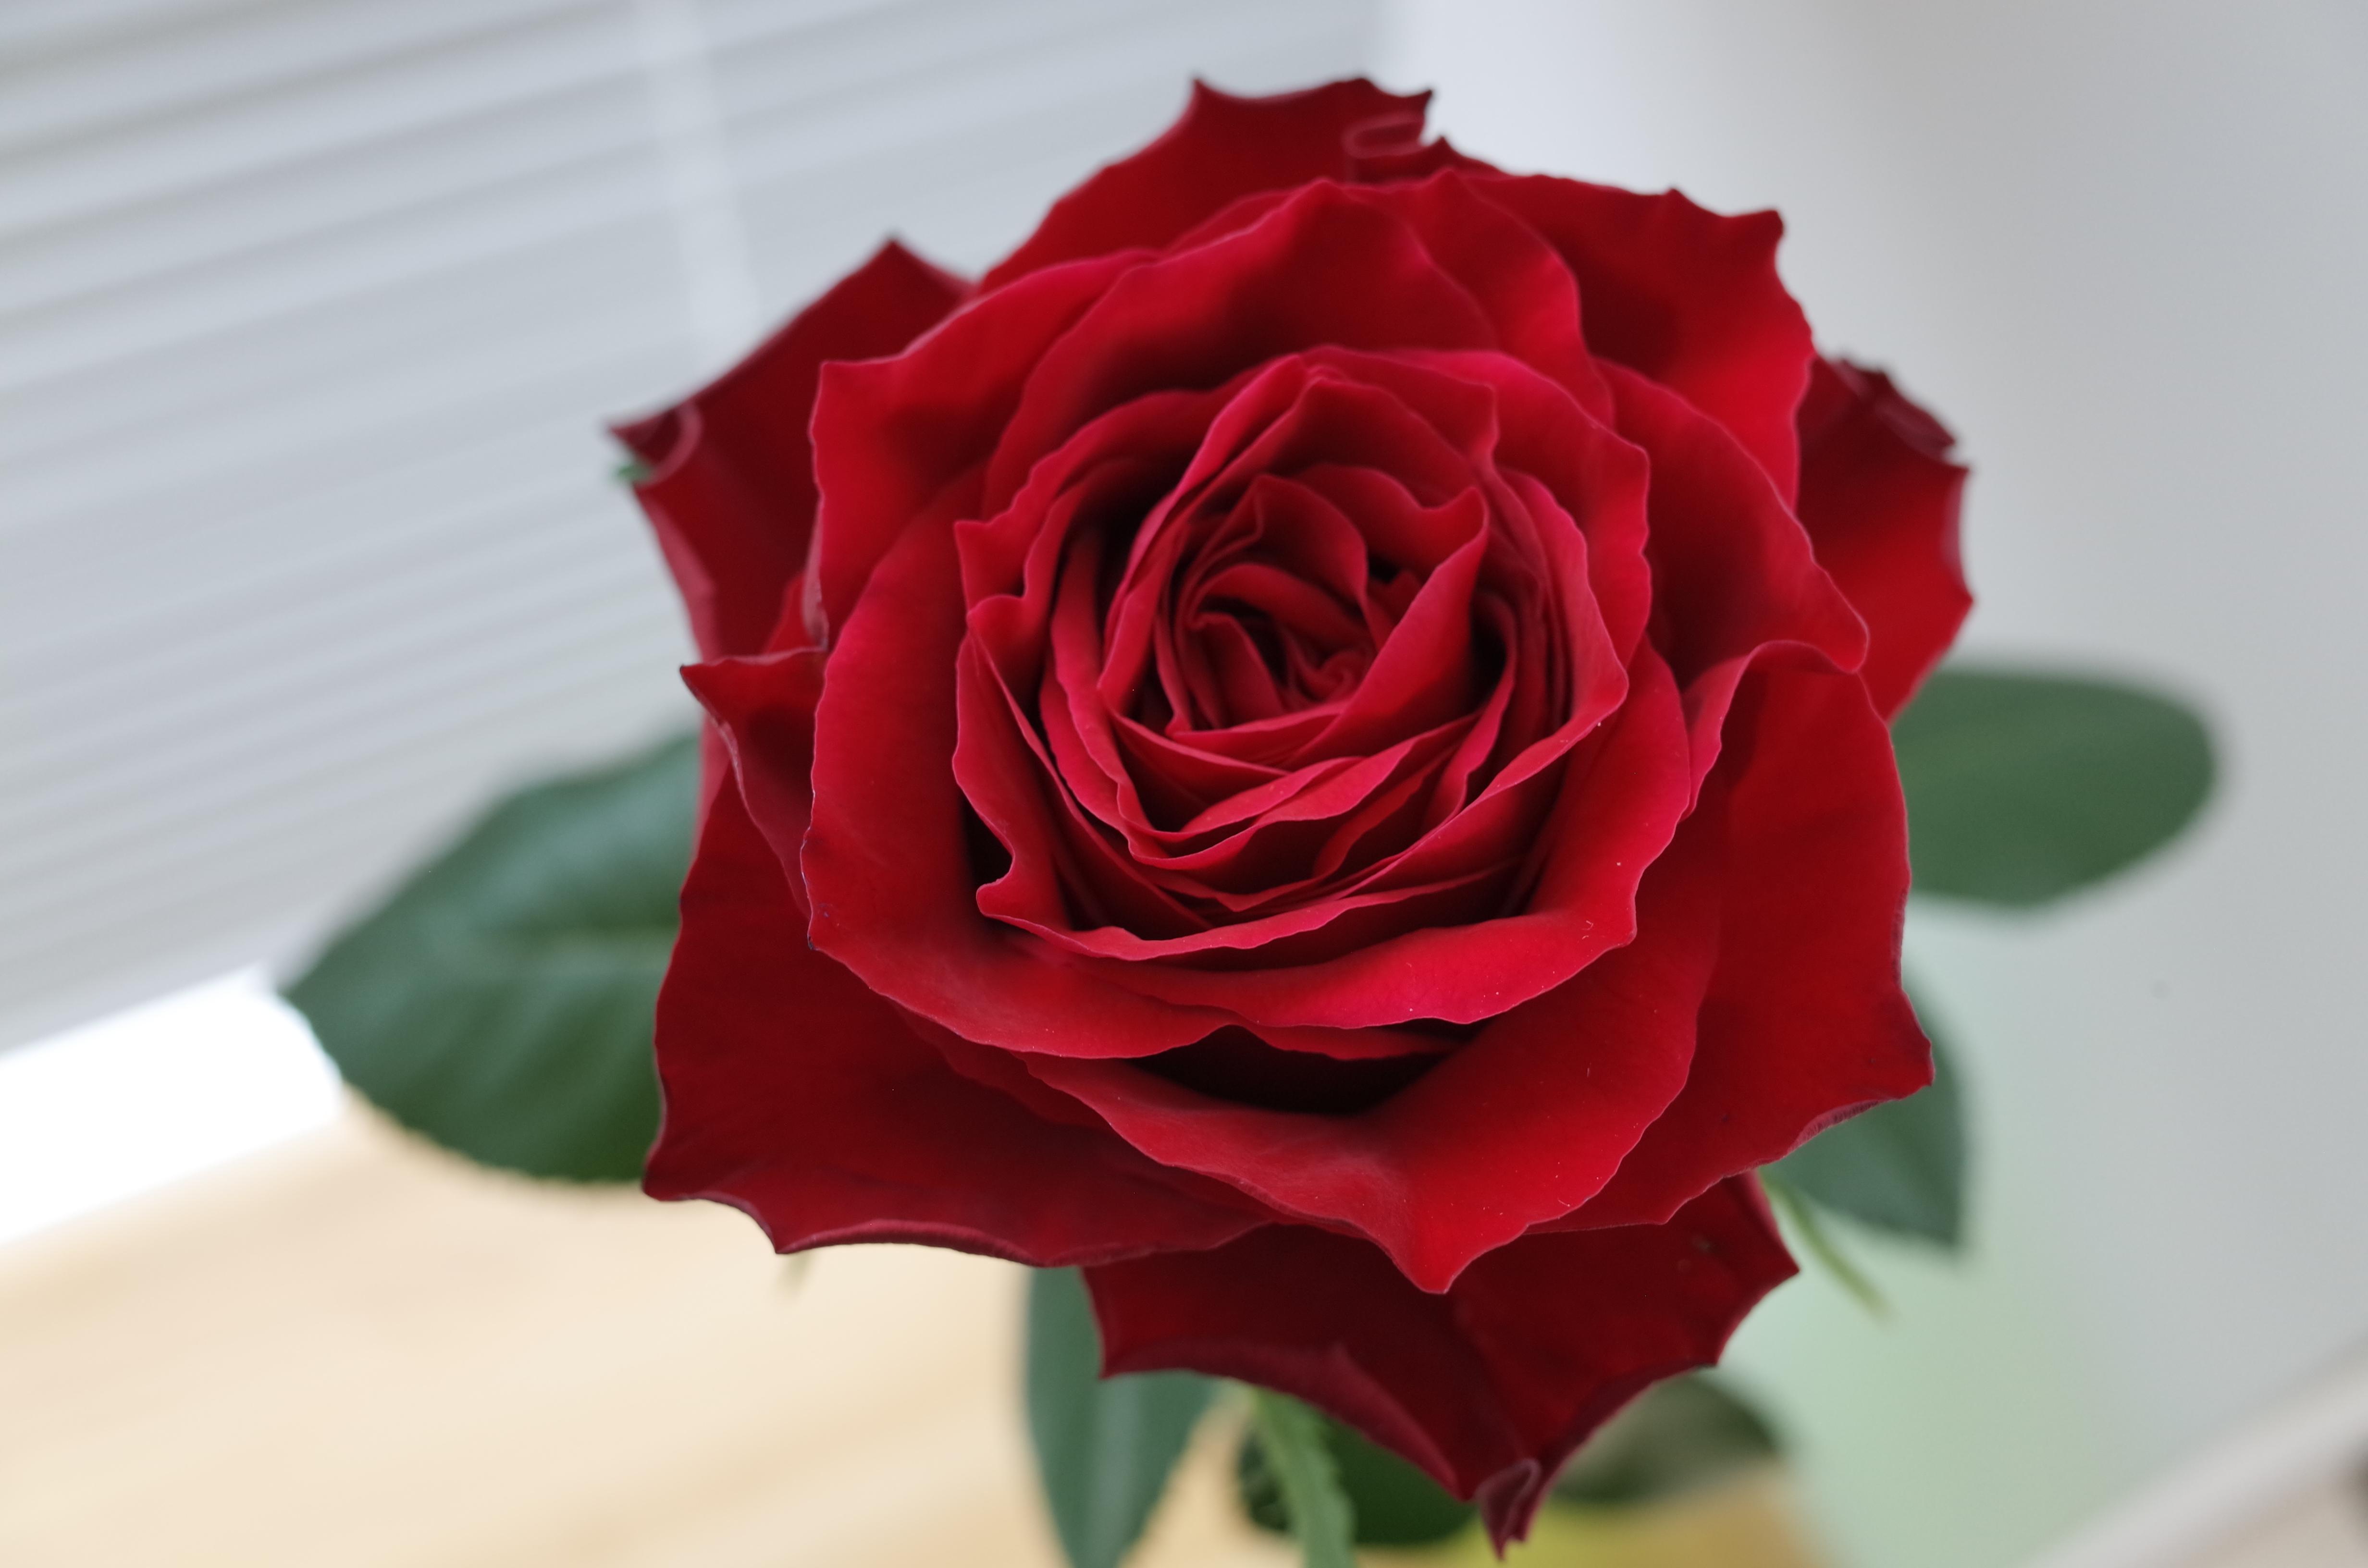 赤いバラの花言葉そのままに「AM...